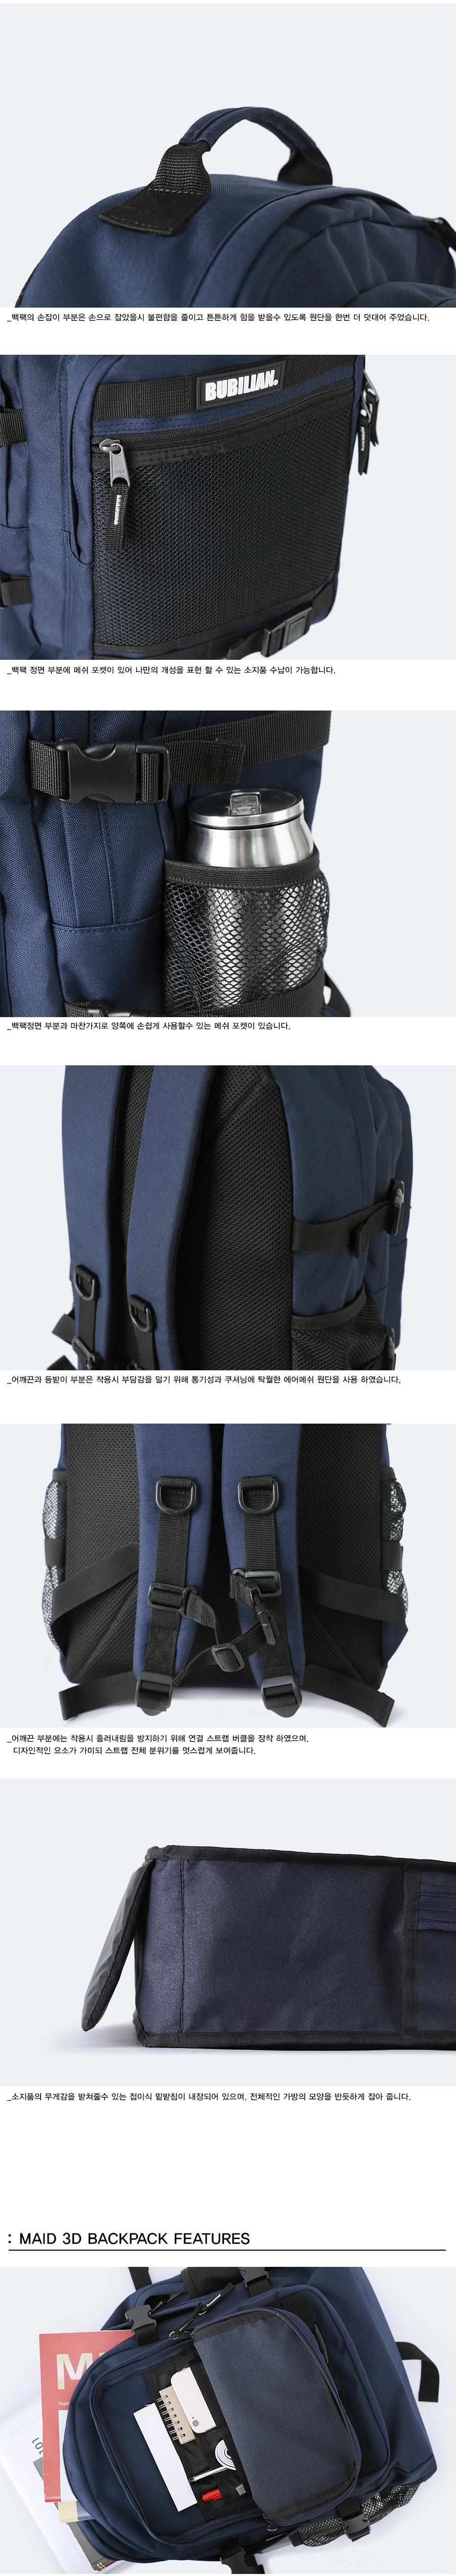 [키홀더 포함] Bubilian Maid 3D Backpack_[NAVY]